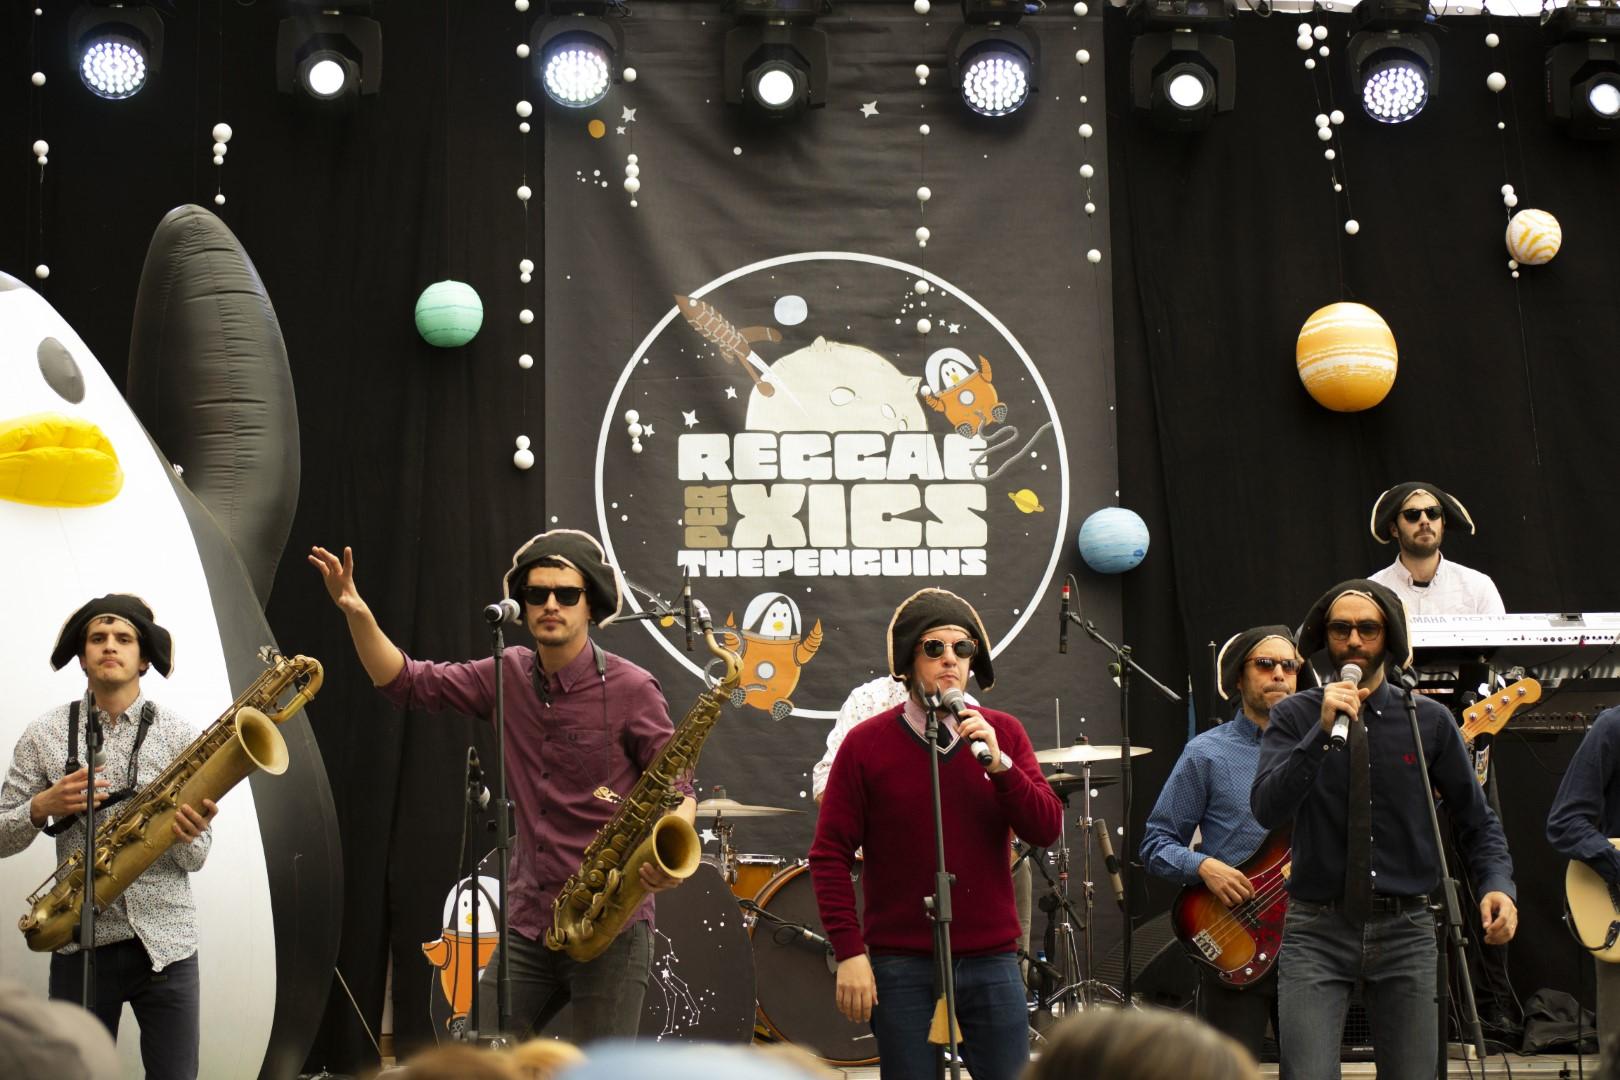 Reggae per Xics arrenca l'any al Poblenou incorporant 9 dones damunt de l'escenari